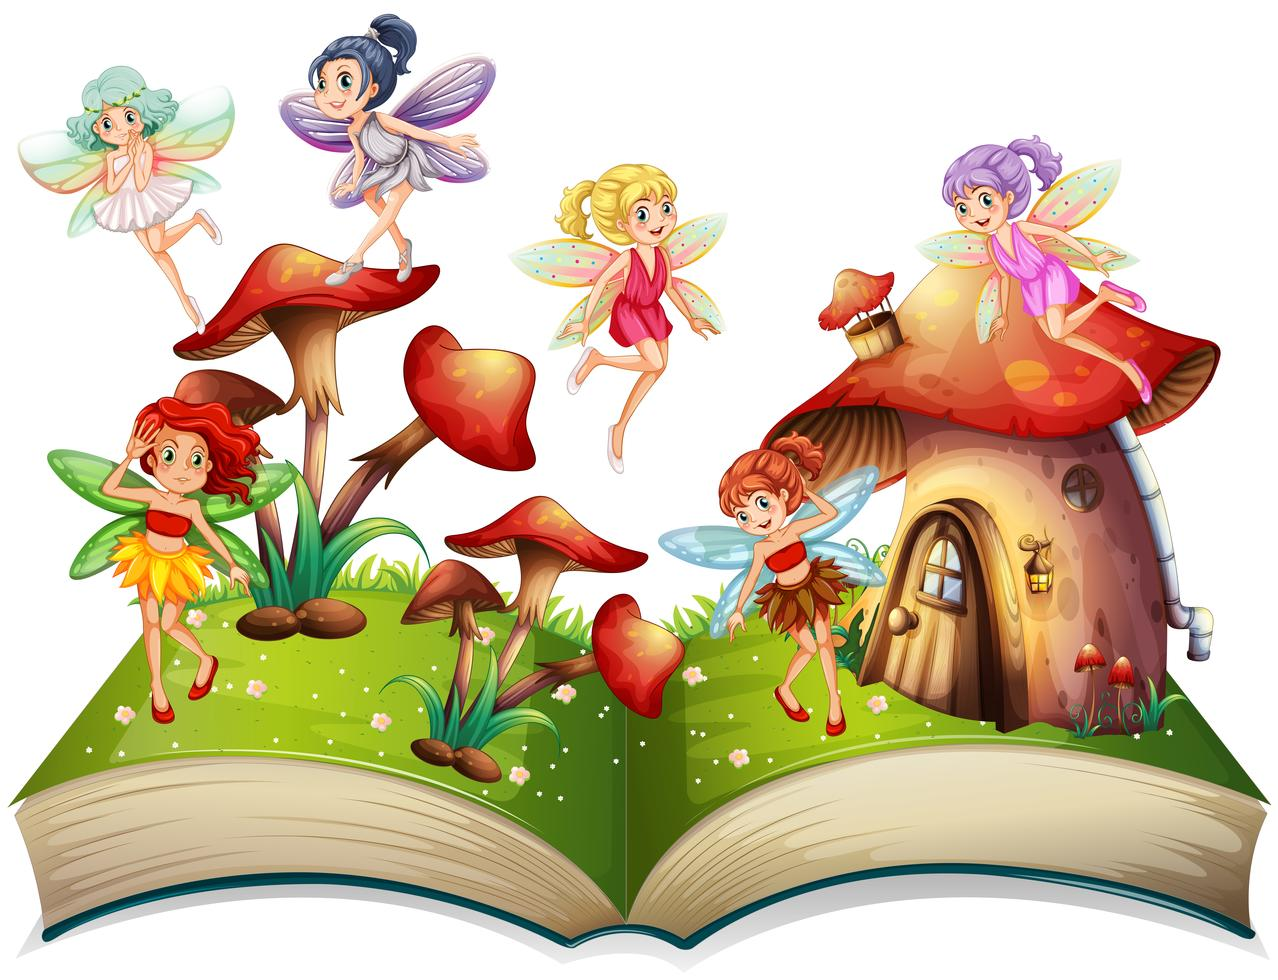 Картинка раскрытая книга со сказочными героями